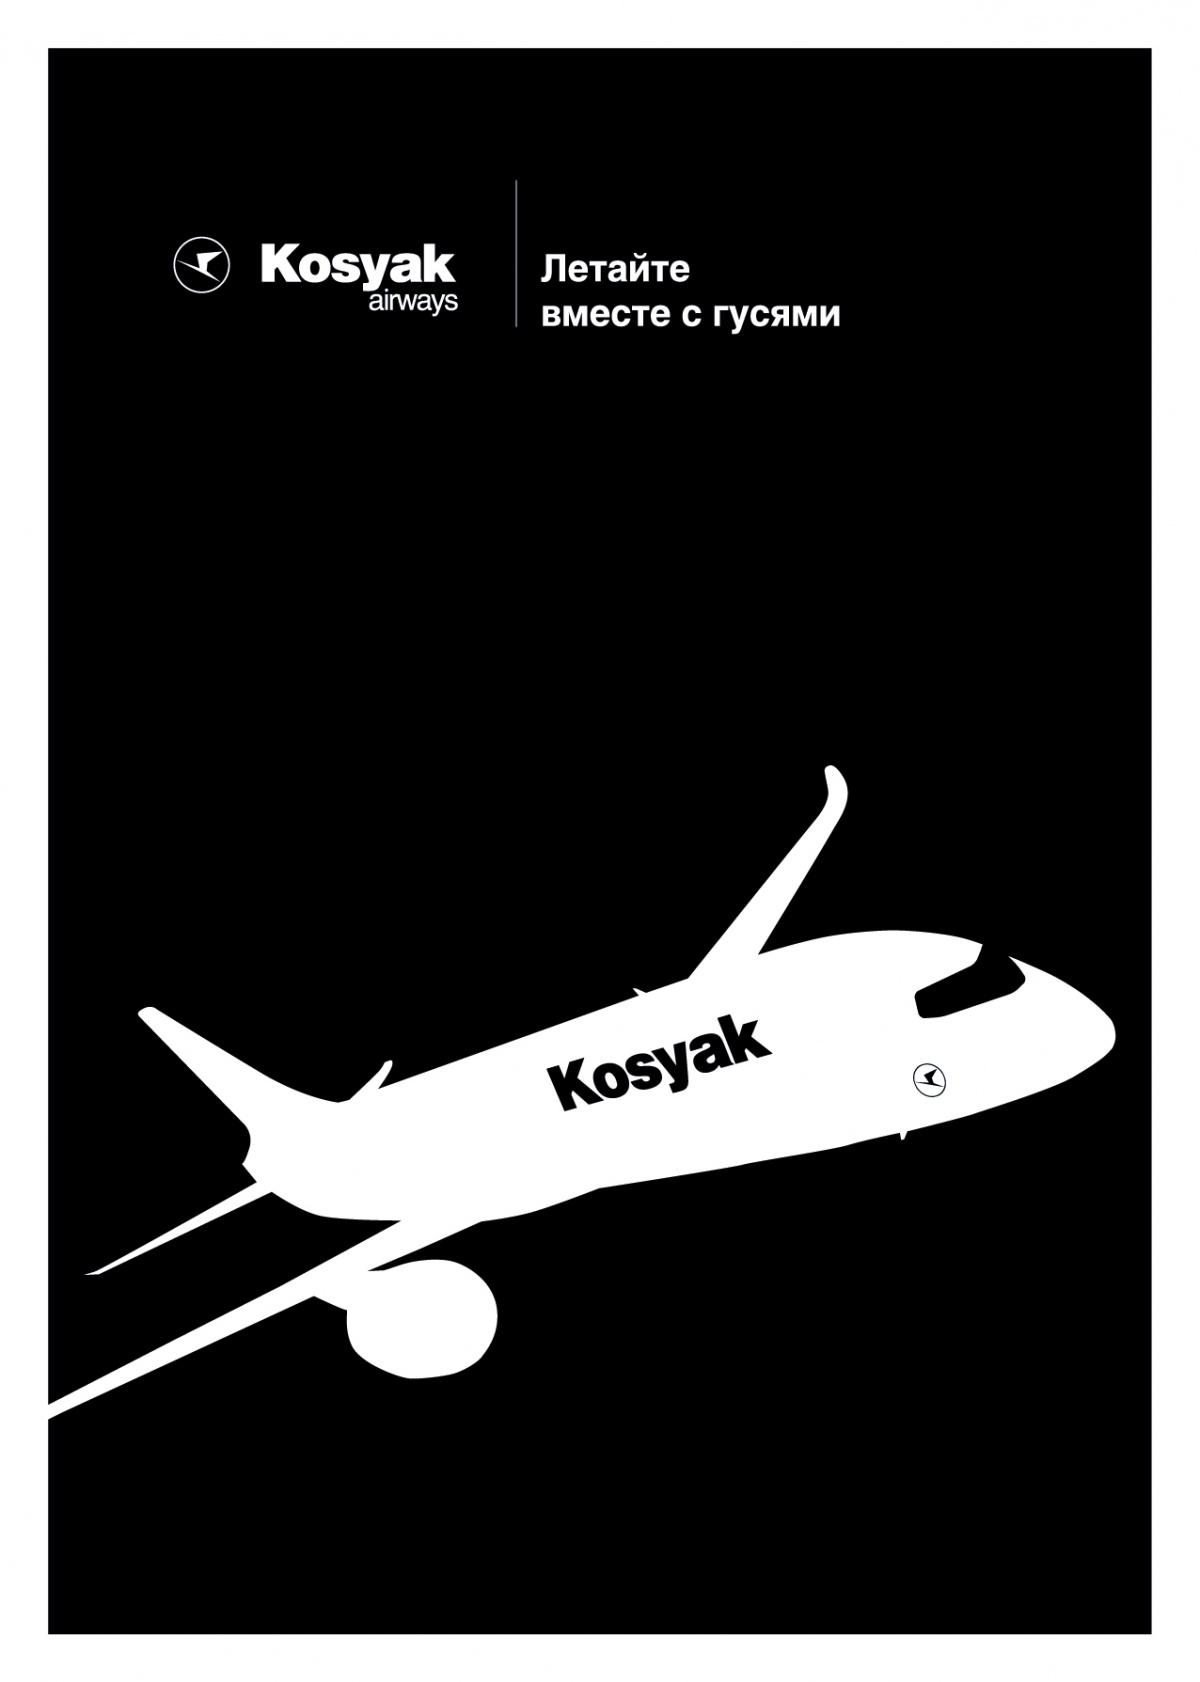 Дизайн будущего бренда авиакомпании Kosyak